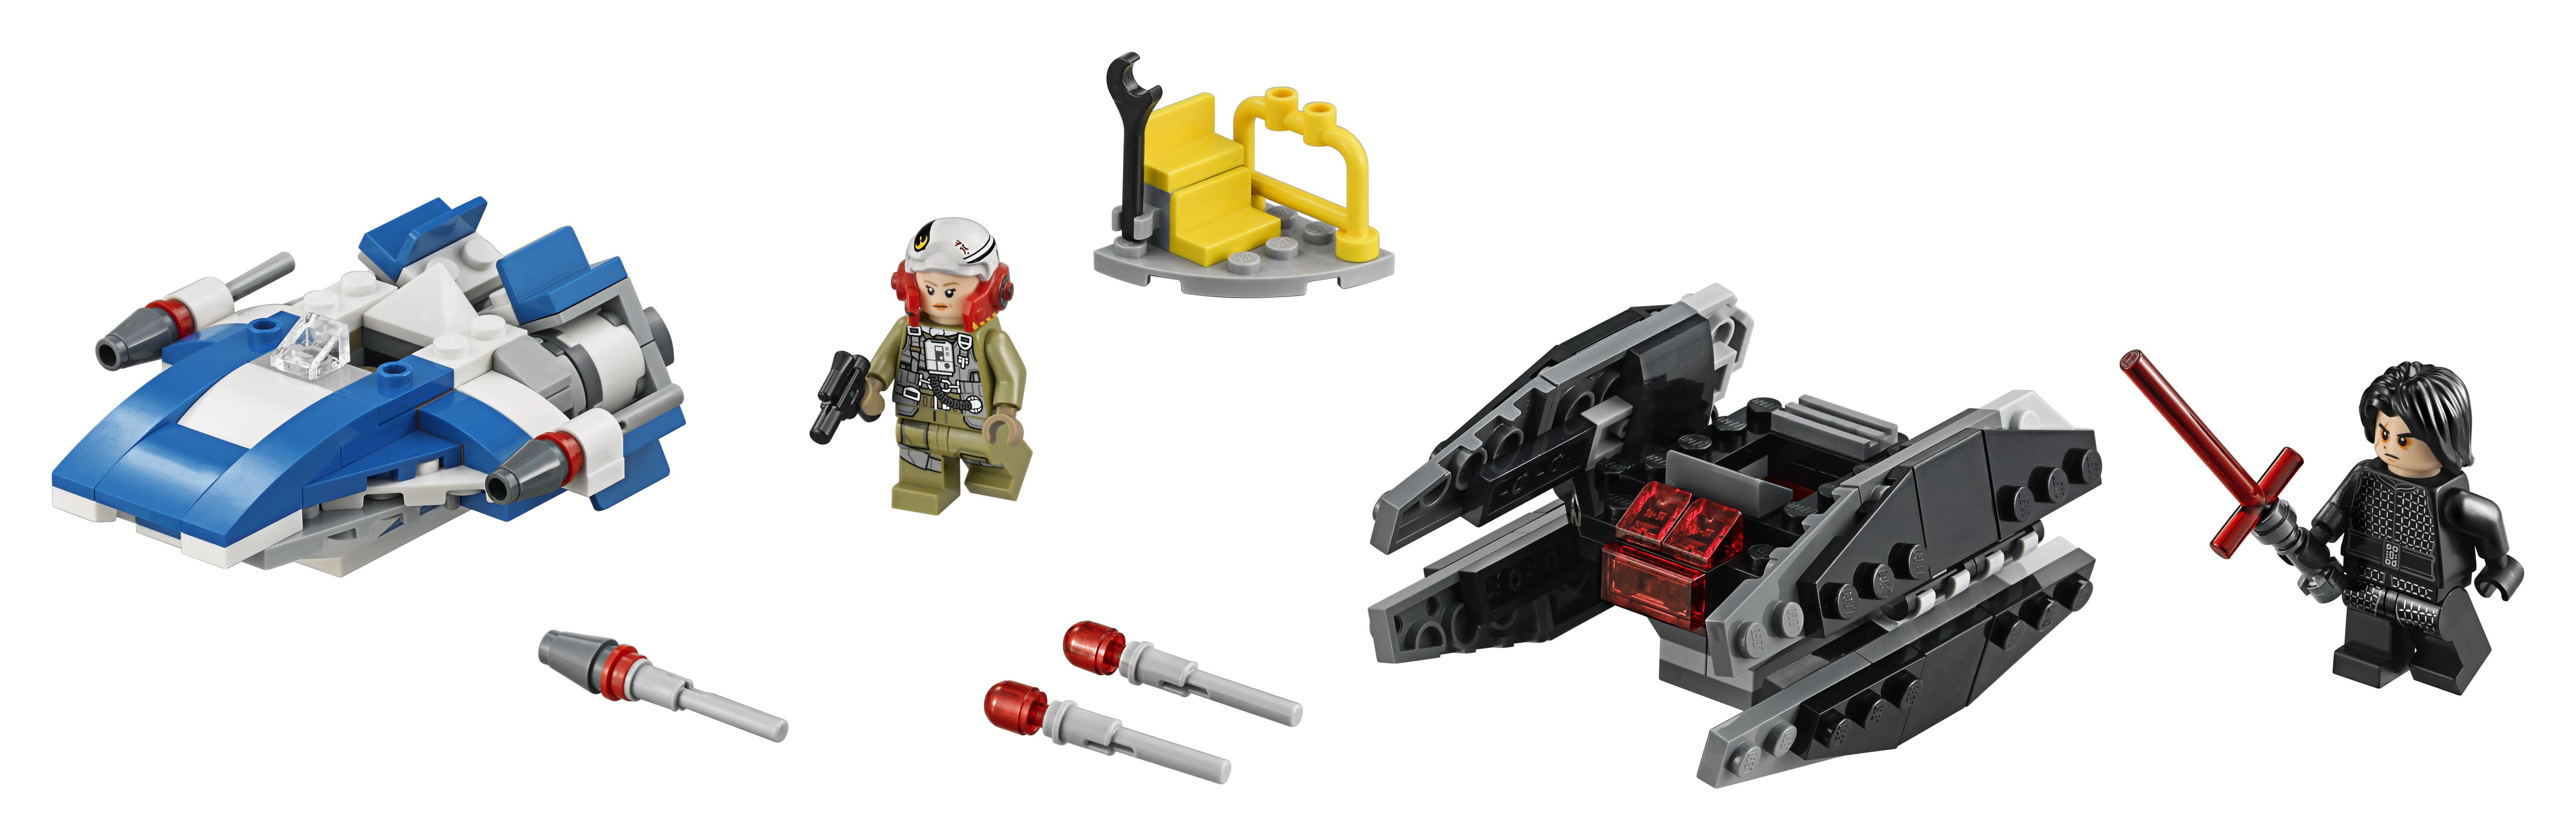 Купить Конструктор, 75196 Истребитель типа A против бесшумного истребителя СИД, 1шт., LEGO 75196, Китай